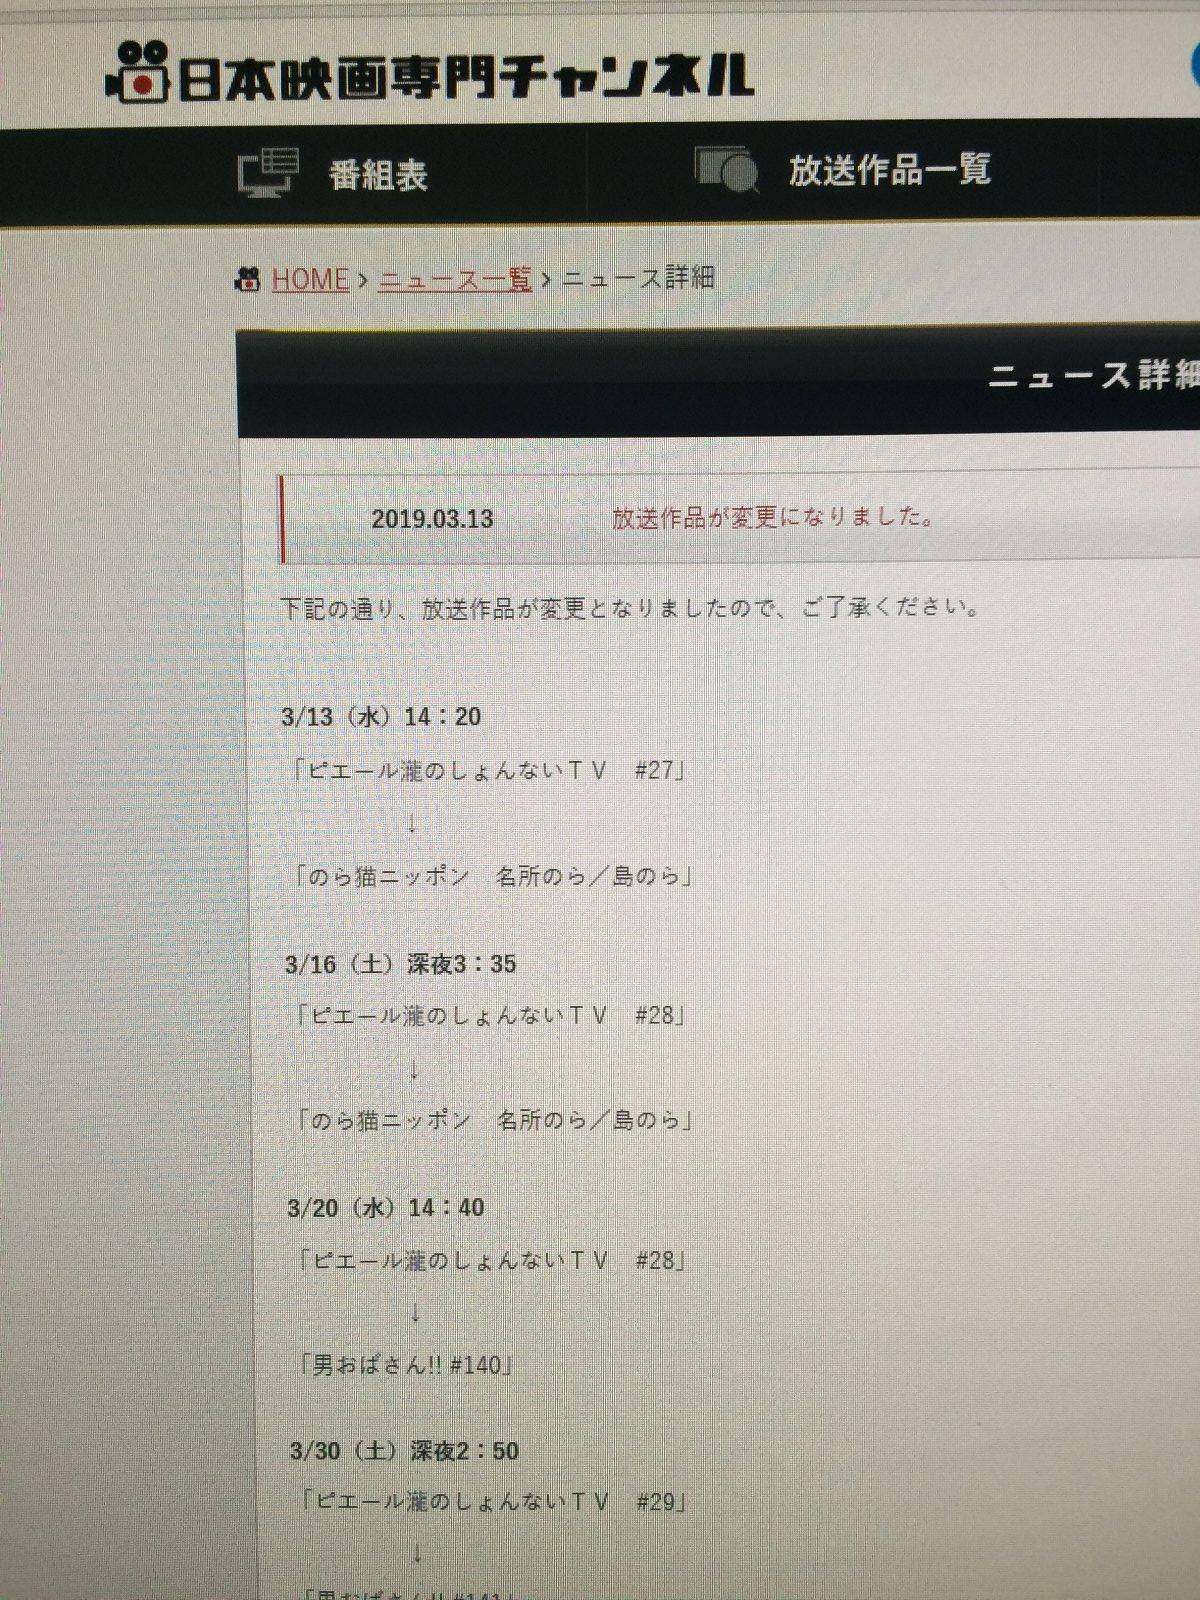 ピエール瀧逮捕の波紋(日本映画専門チャンネル)